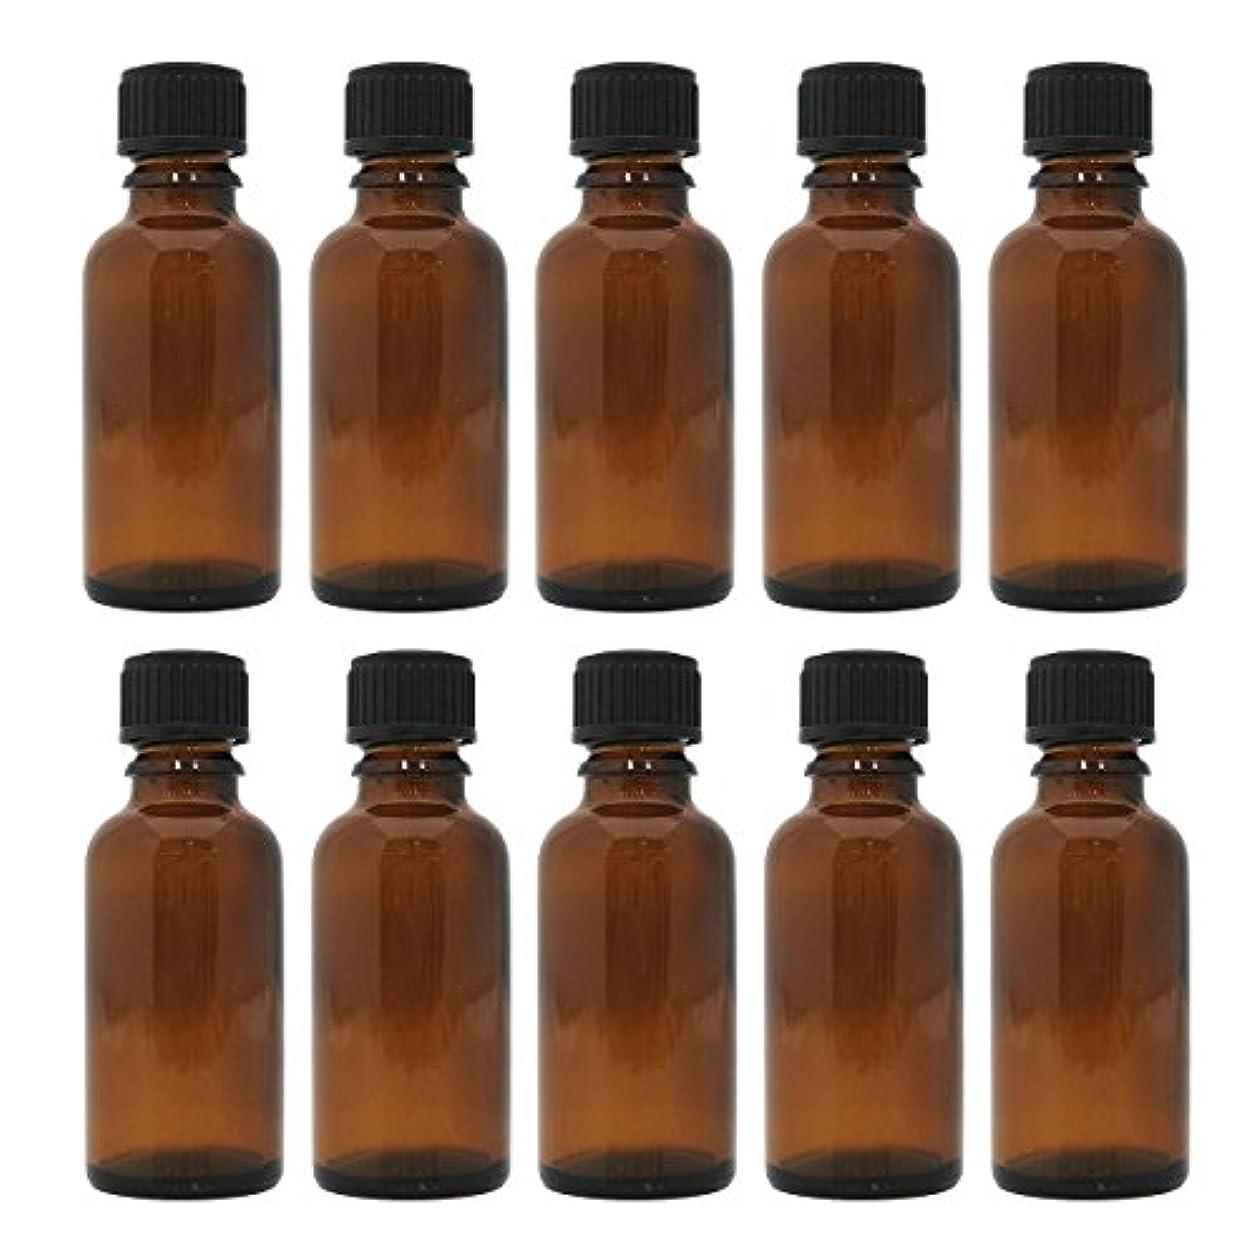 発音食用溶融茶色遮光瓶 30ml (ドロッパー付) 10本セット